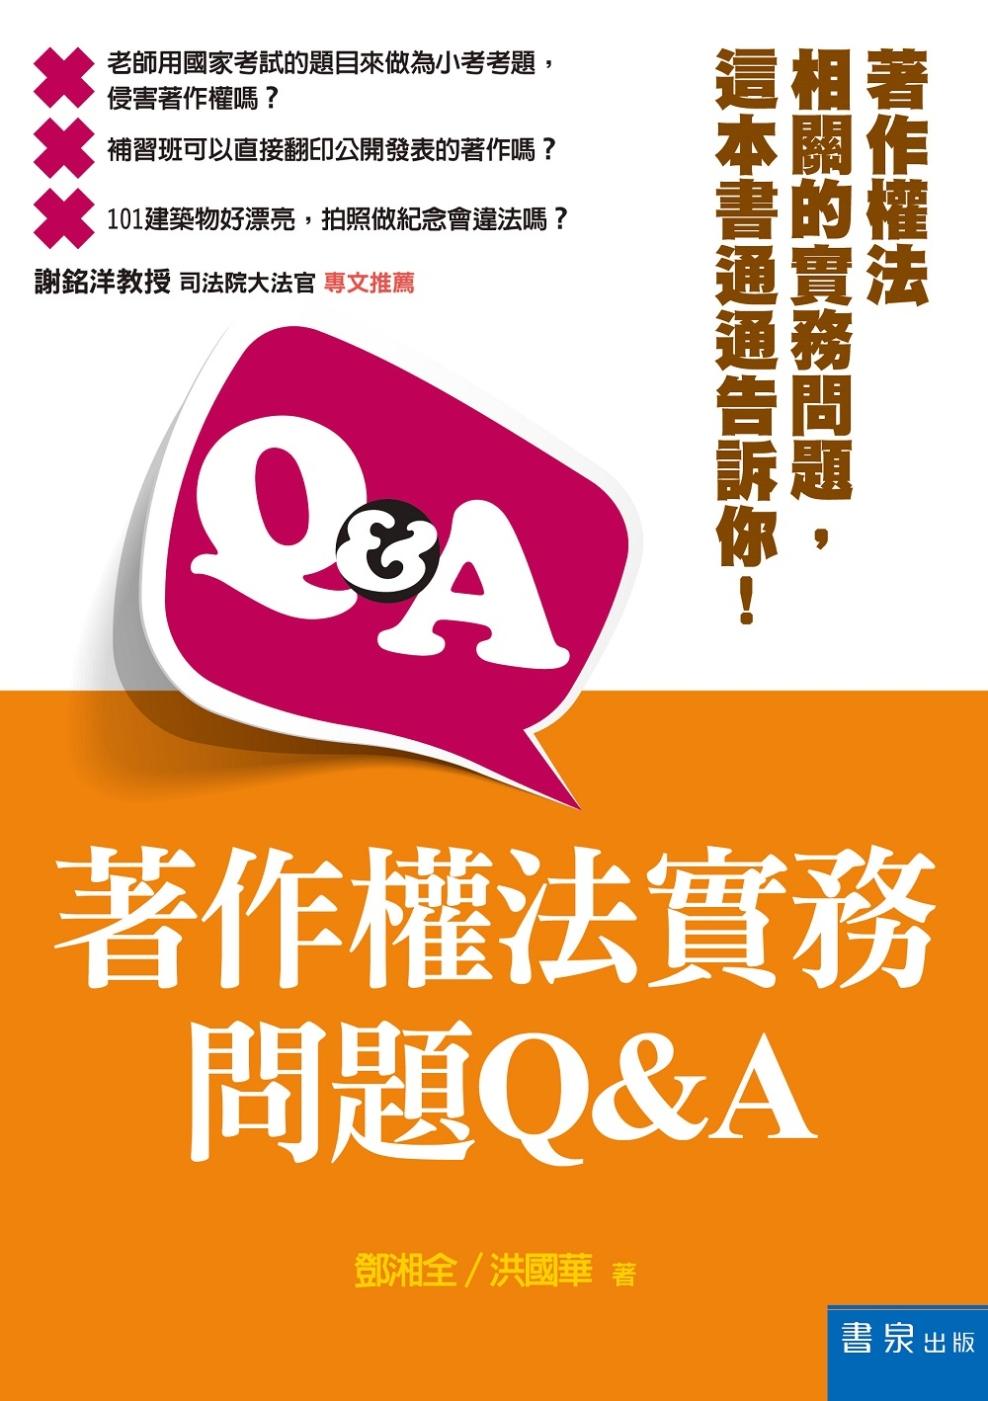 著作權法實務問題Q&A